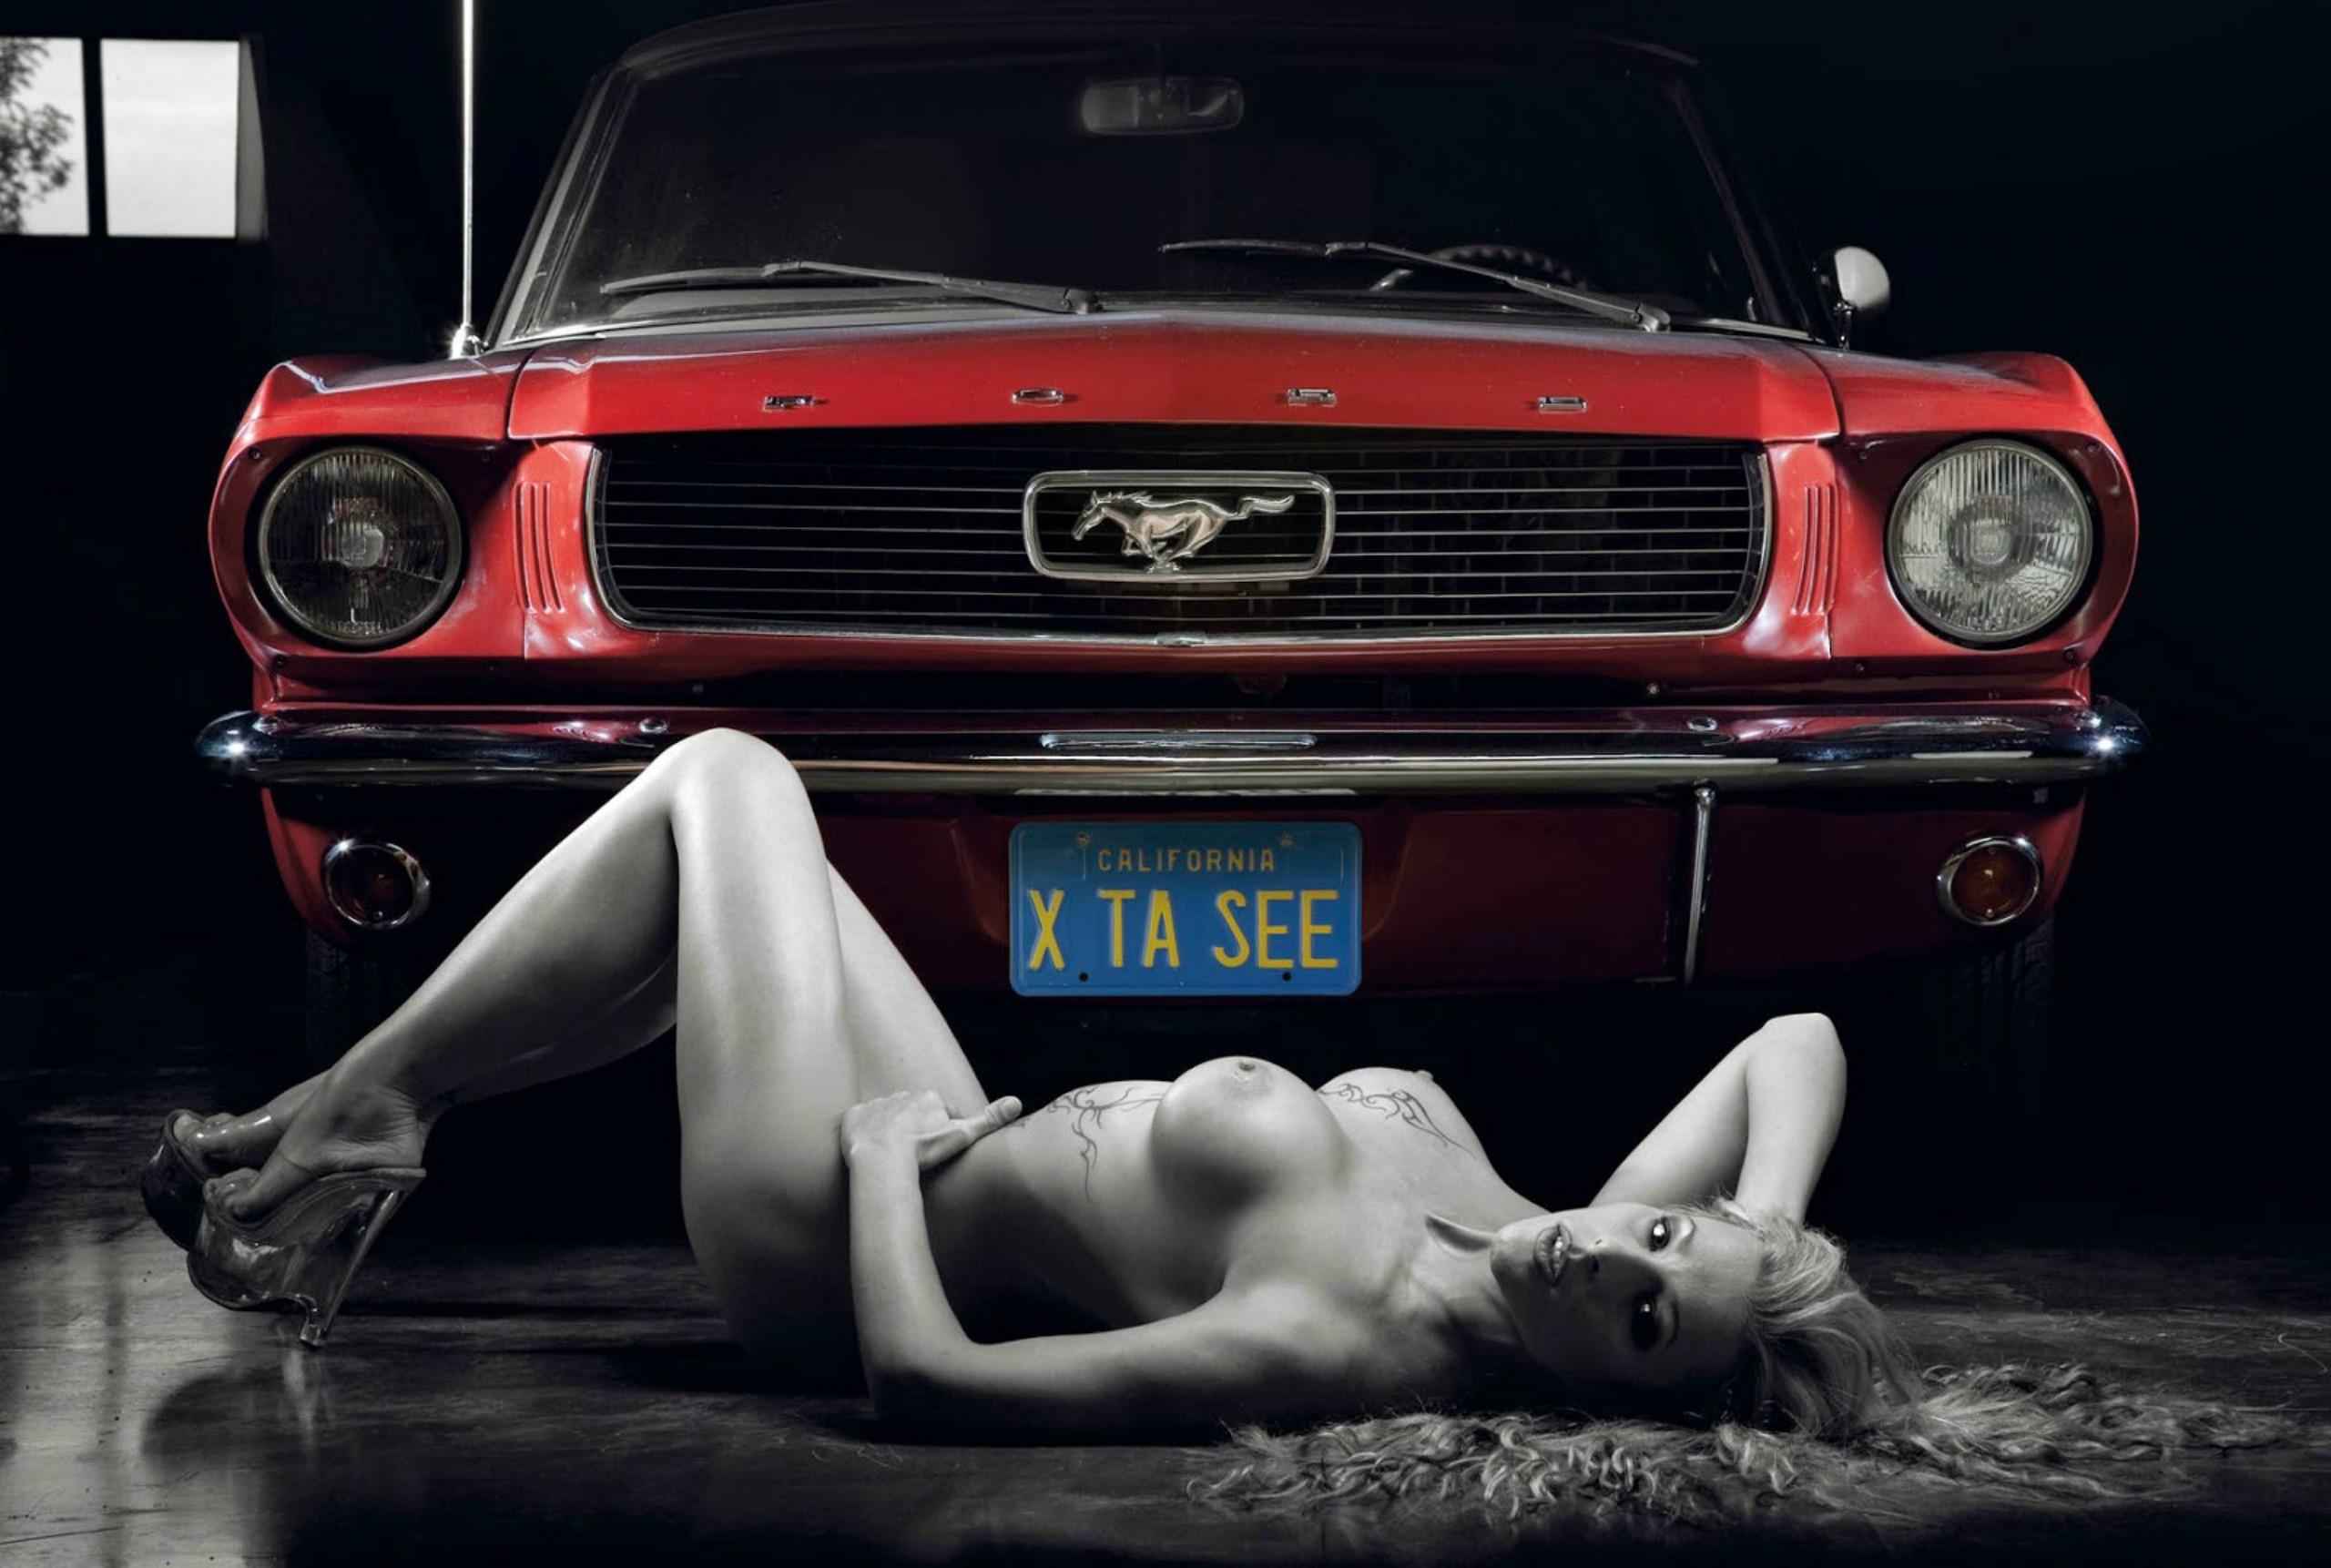 naked women in mustangs